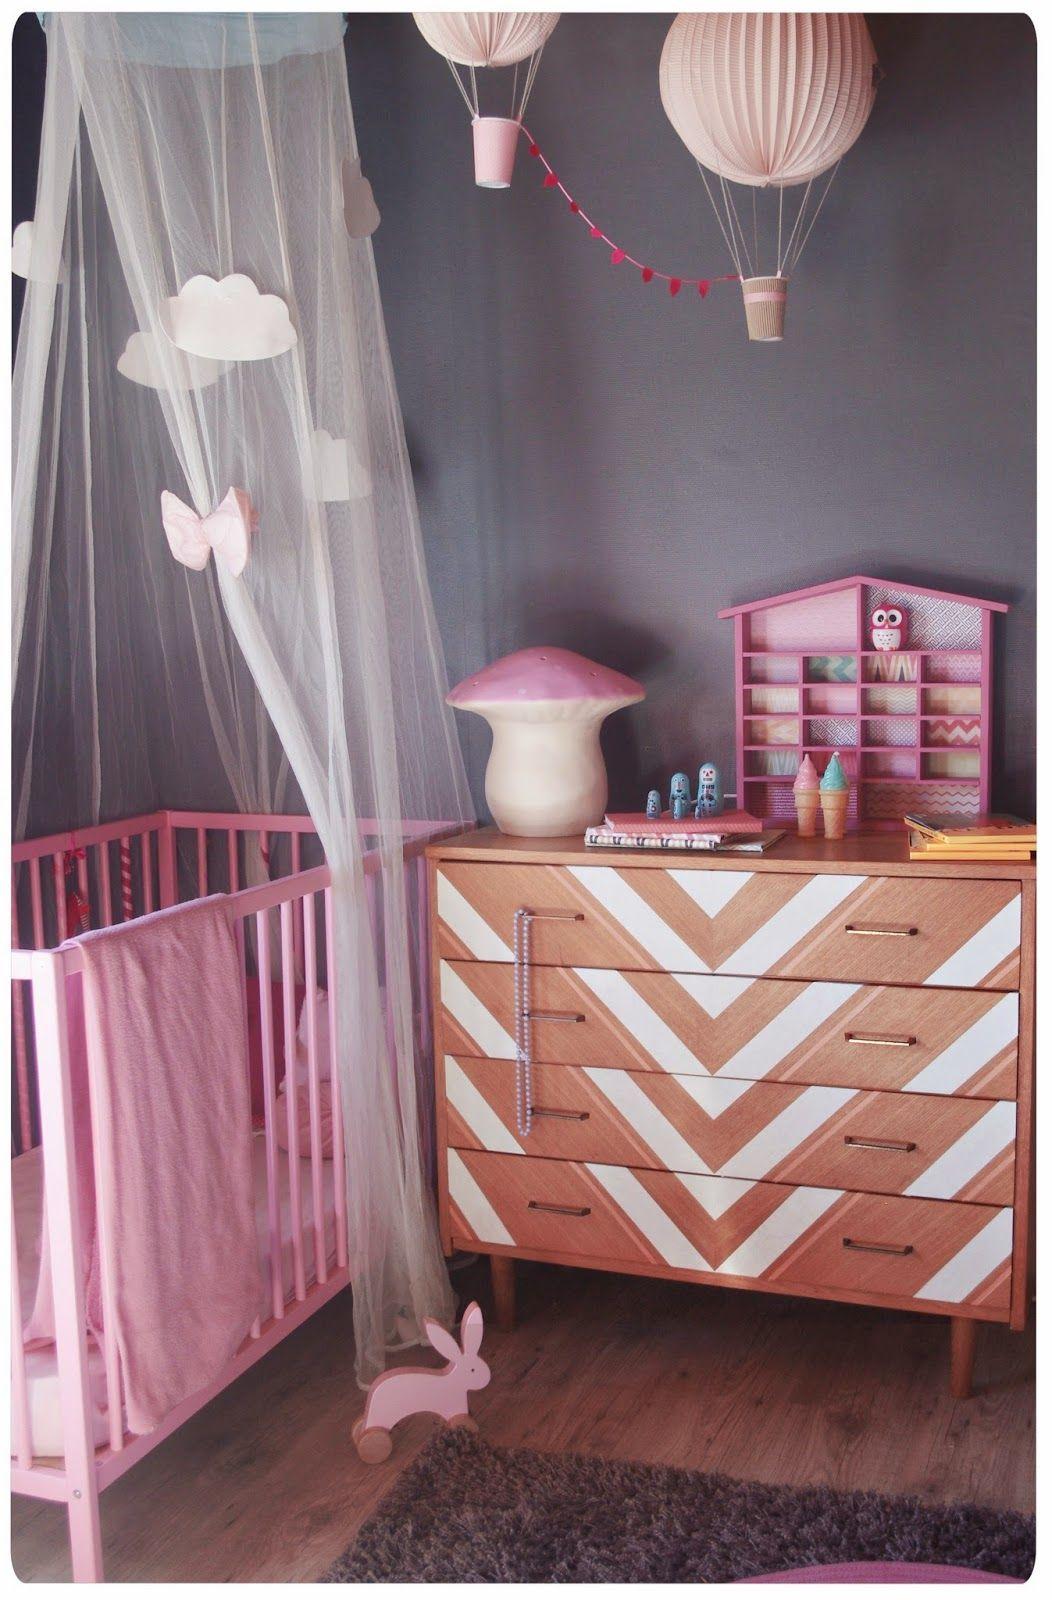 chez cette fille chevronn e cette commode du vintage au. Black Bedroom Furniture Sets. Home Design Ideas